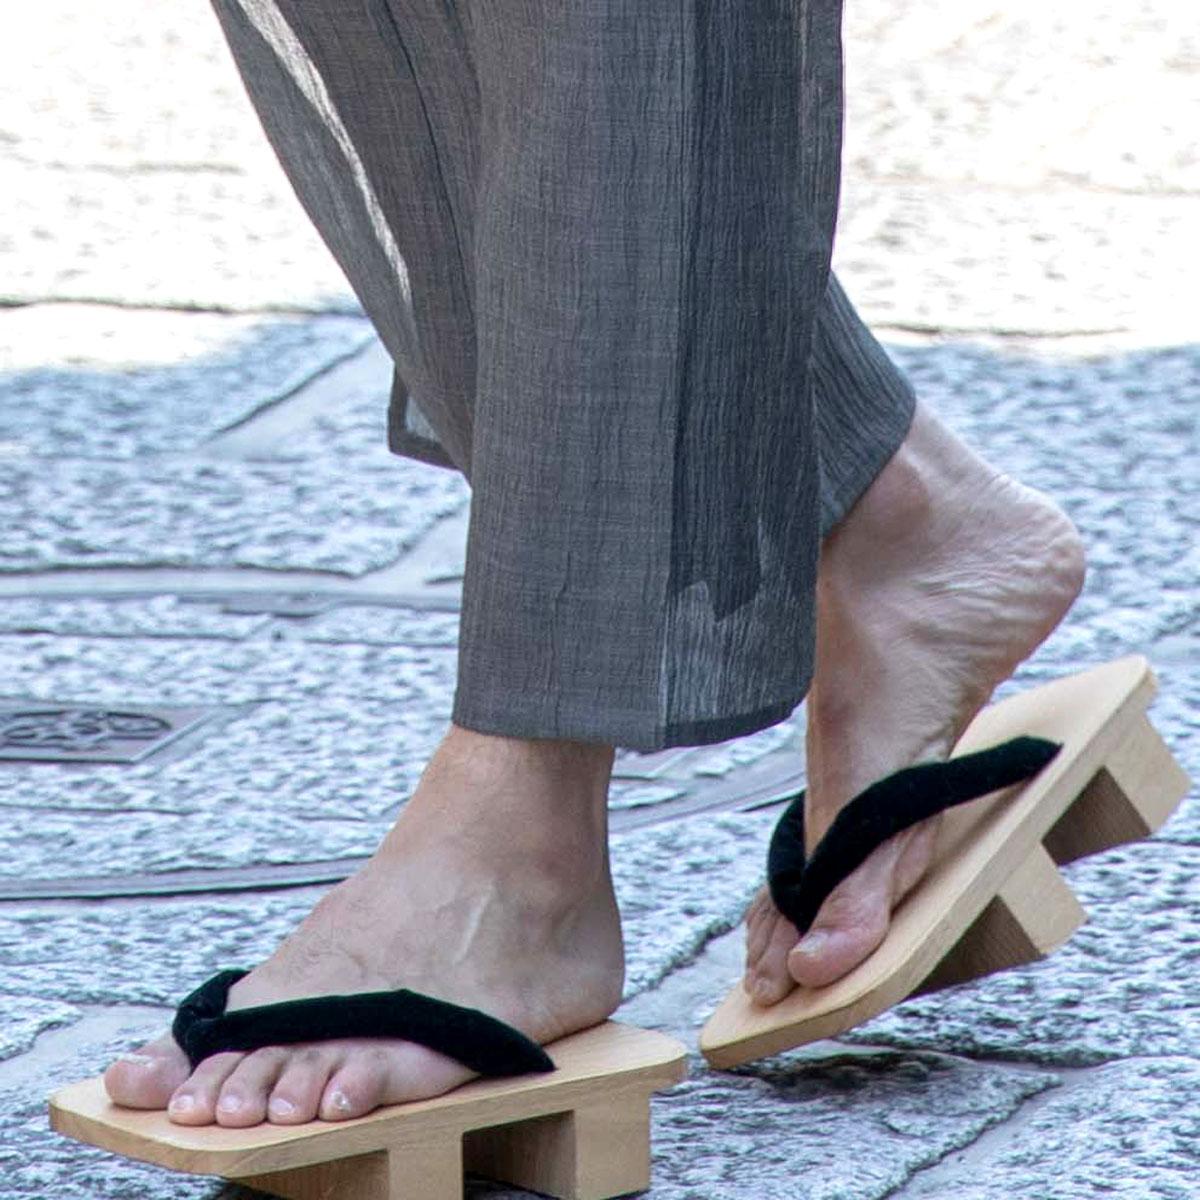 履物の歩き方